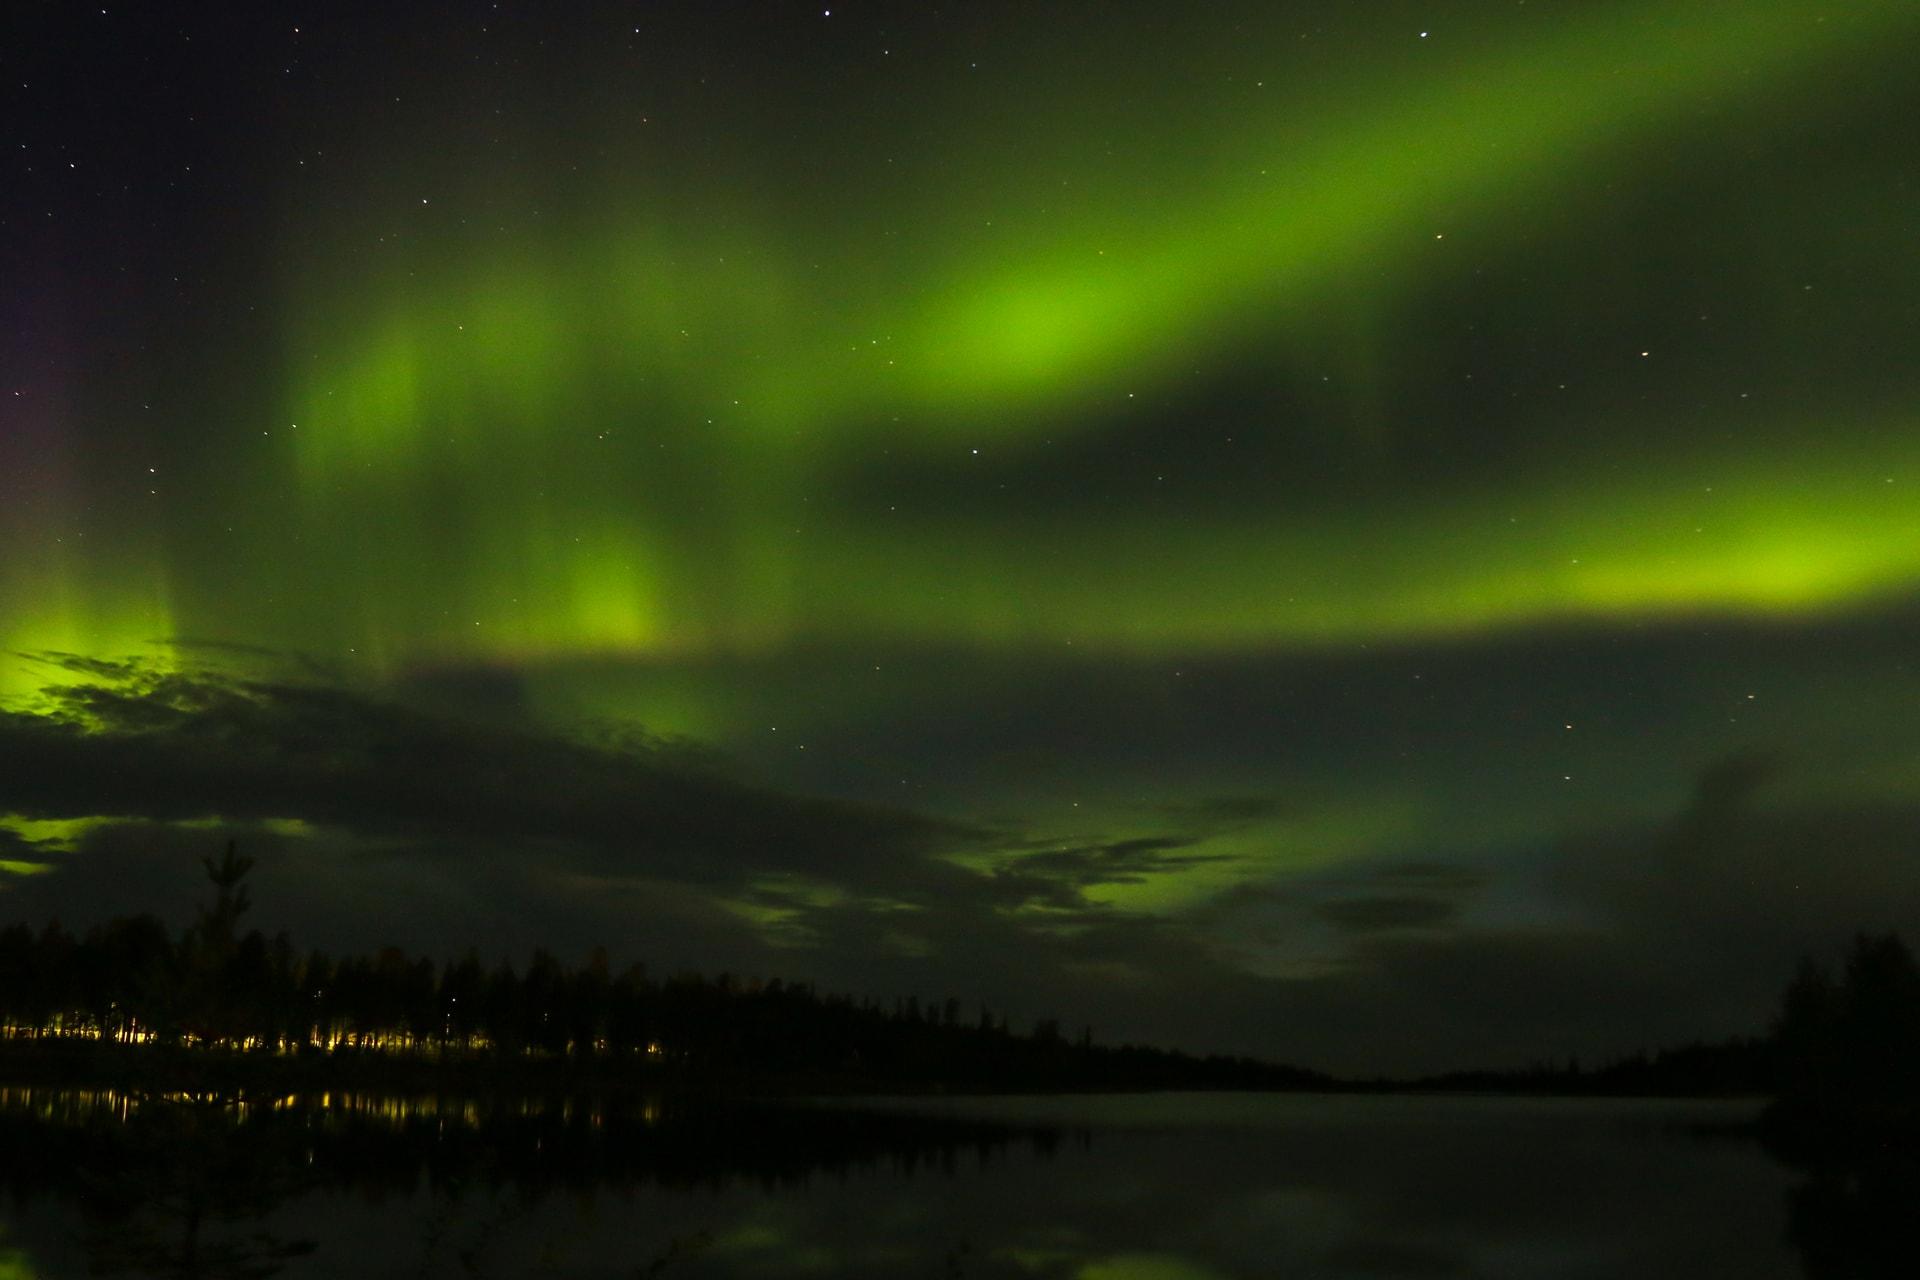 Zo fotografeer je het noorderlicht! (8 tips)